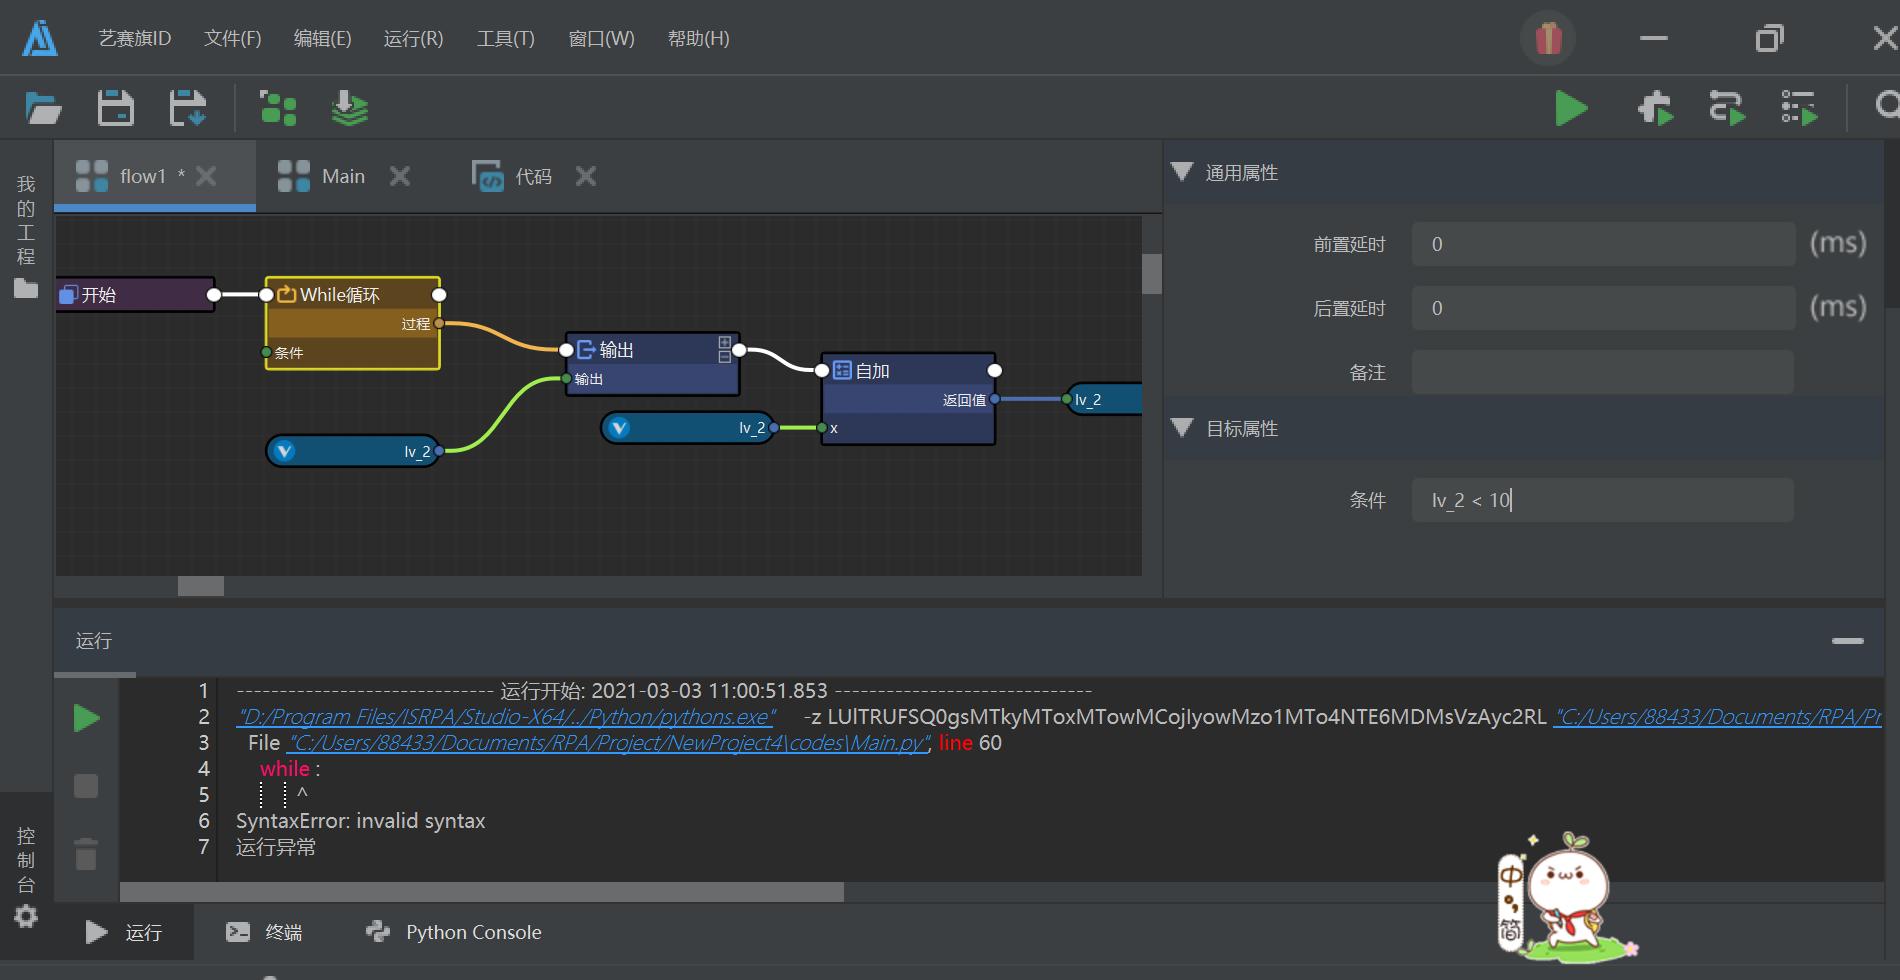 修改组件内容,编译的代码未发生变化